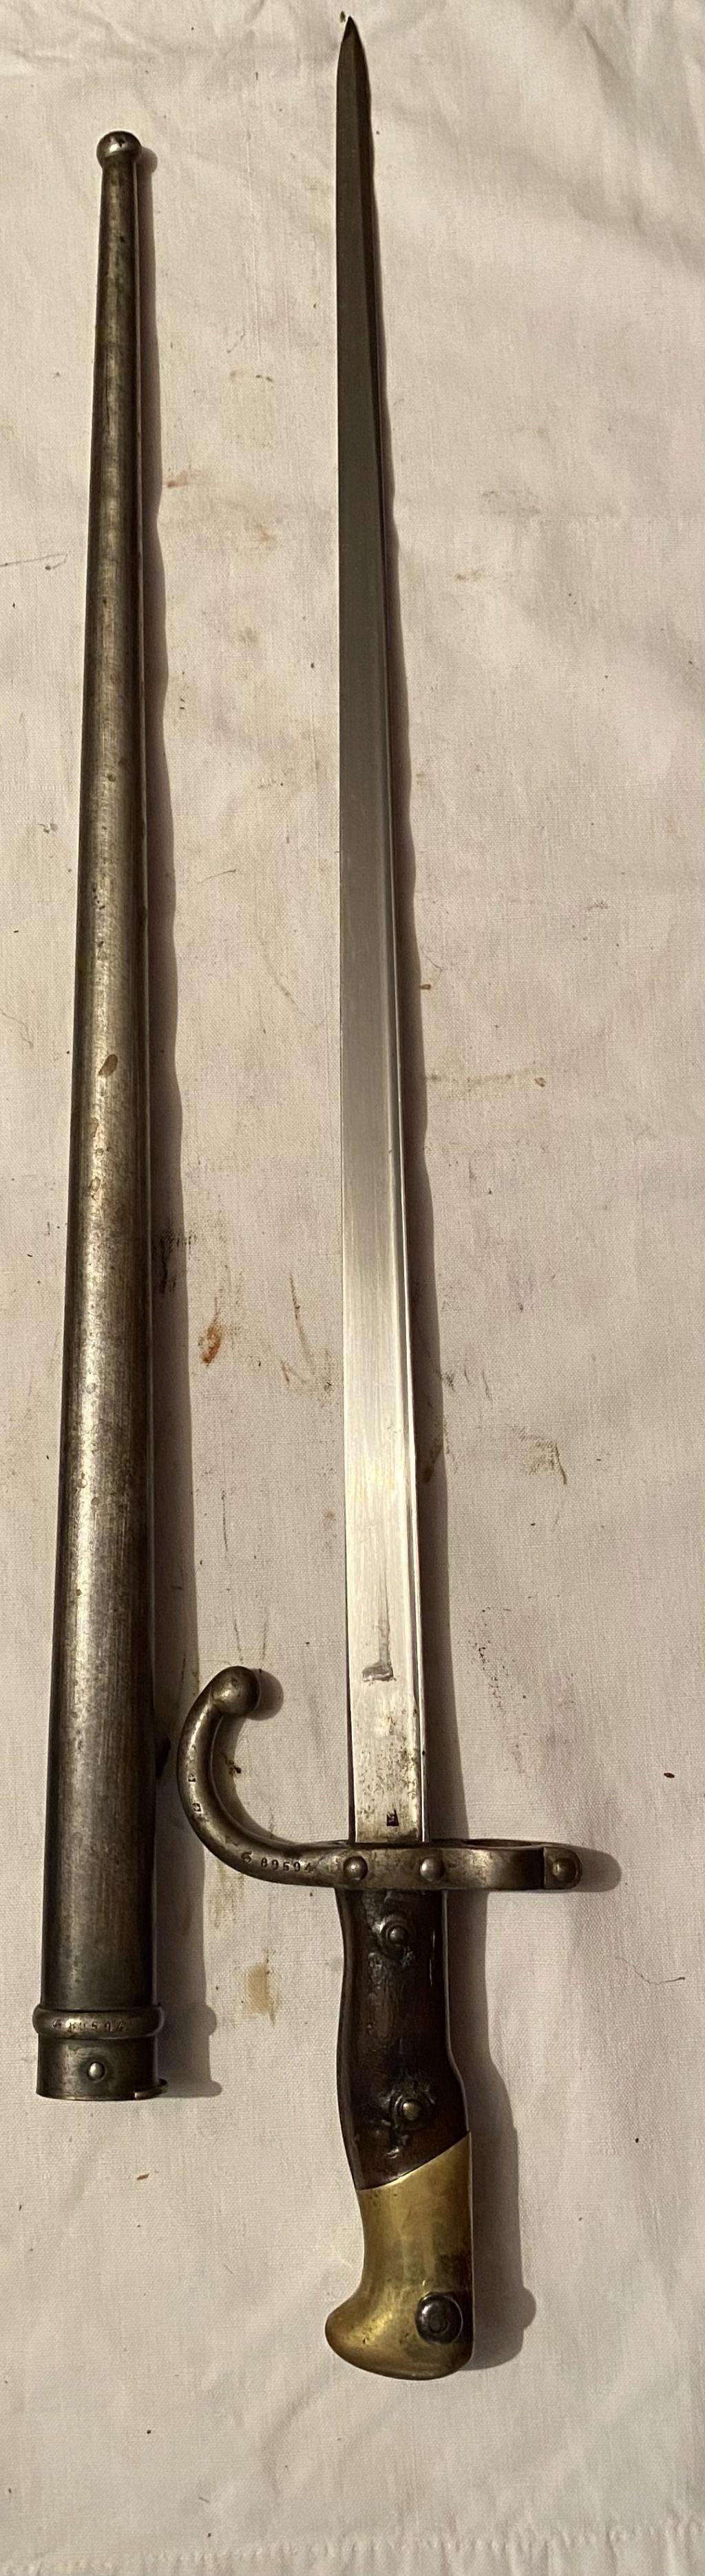 52 armes blanches ! Baïonnettes, dagues, toutes nationalités et époques ! Part 2 26_110